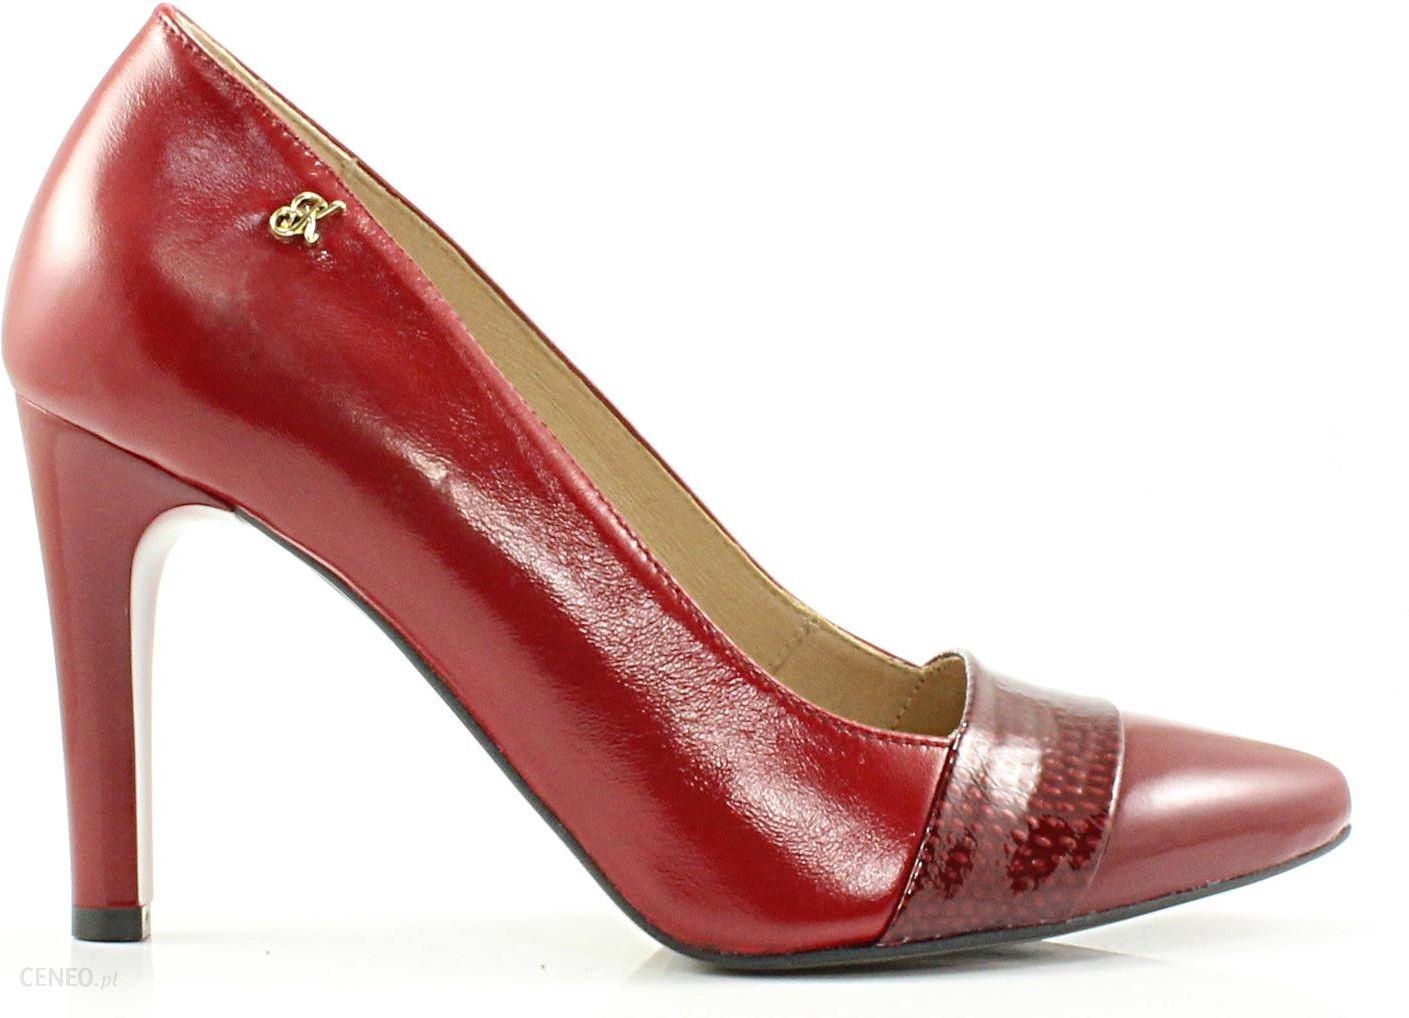 0817d0fe KORDEL 1049 BORDOWY - Klasyczne czerwone szpilki ze skóry naturalnej -  zdjęcie 1